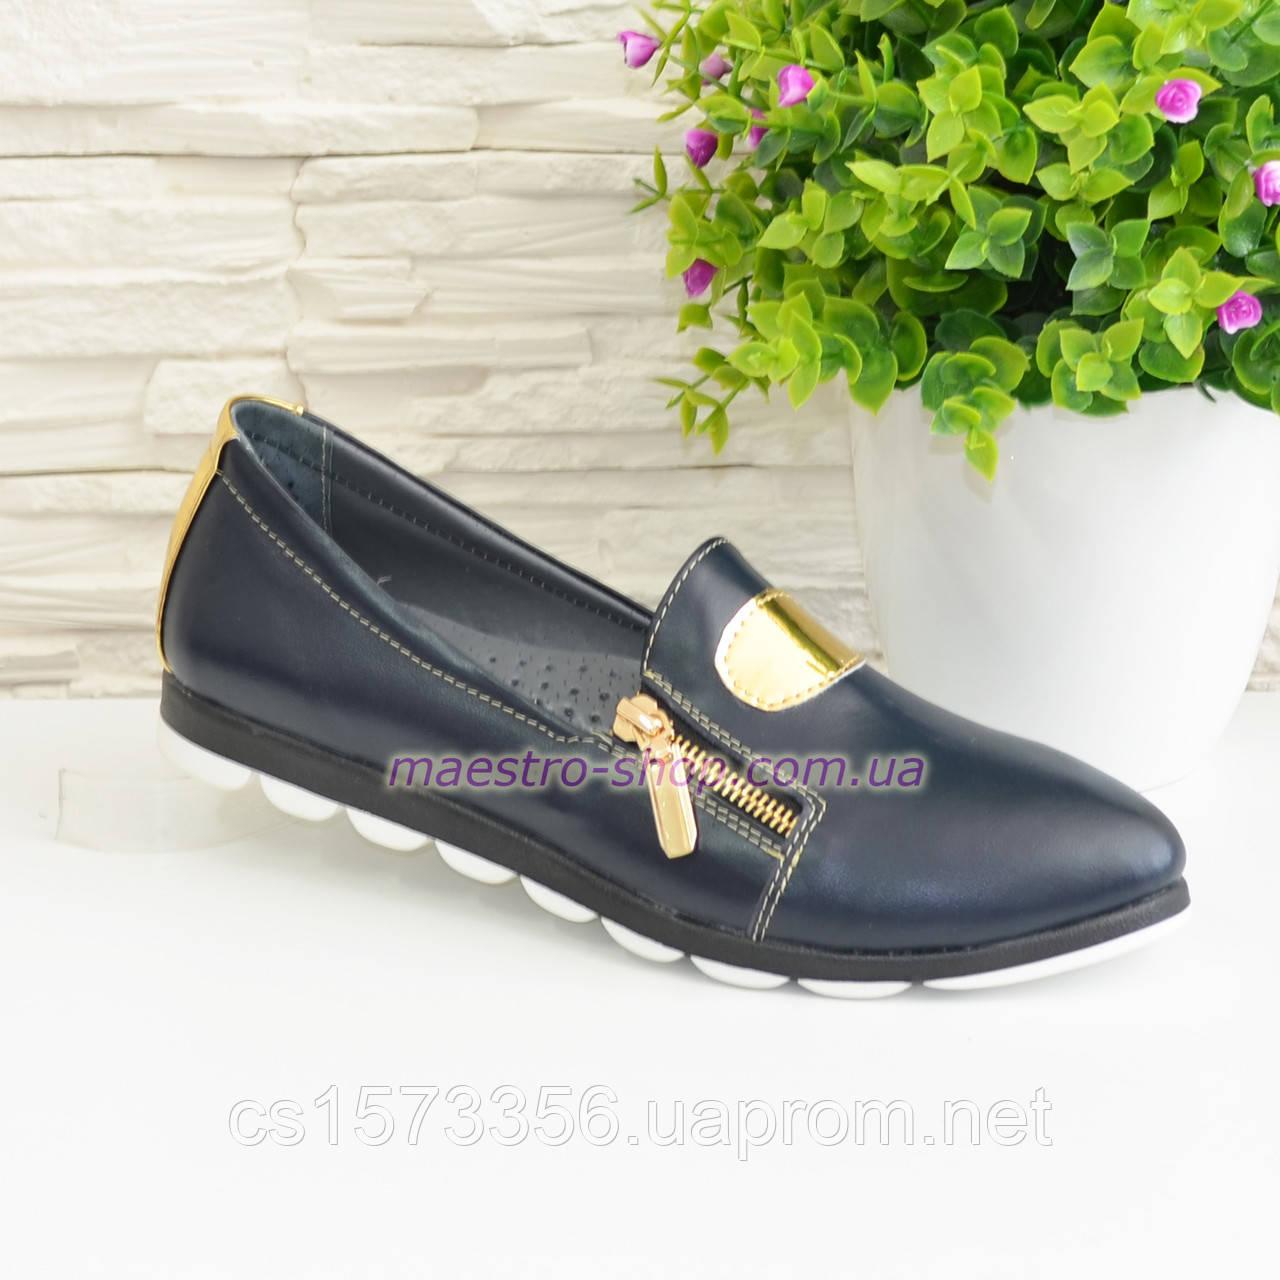 Туфли кожаные женские на утолщенной подошве